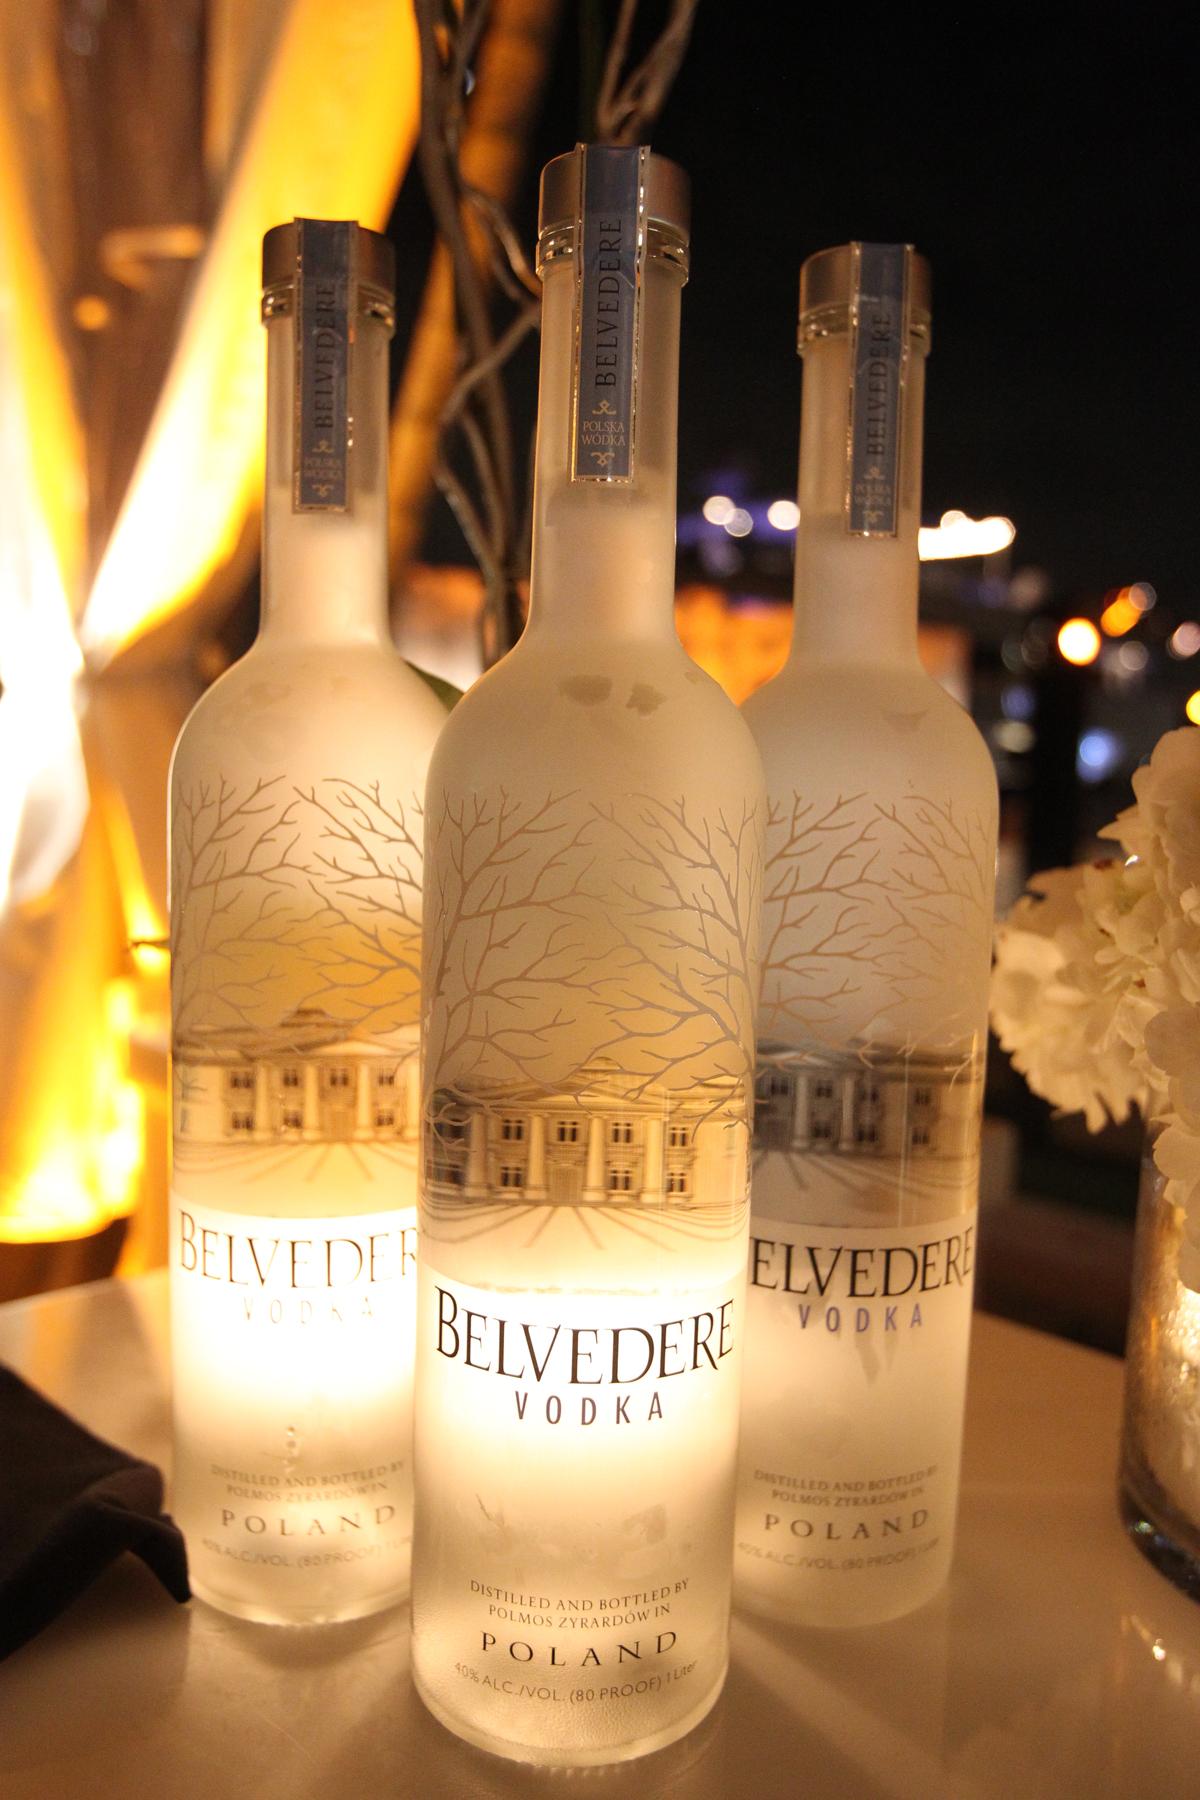 belvedere-vodka-dom-perignon-6